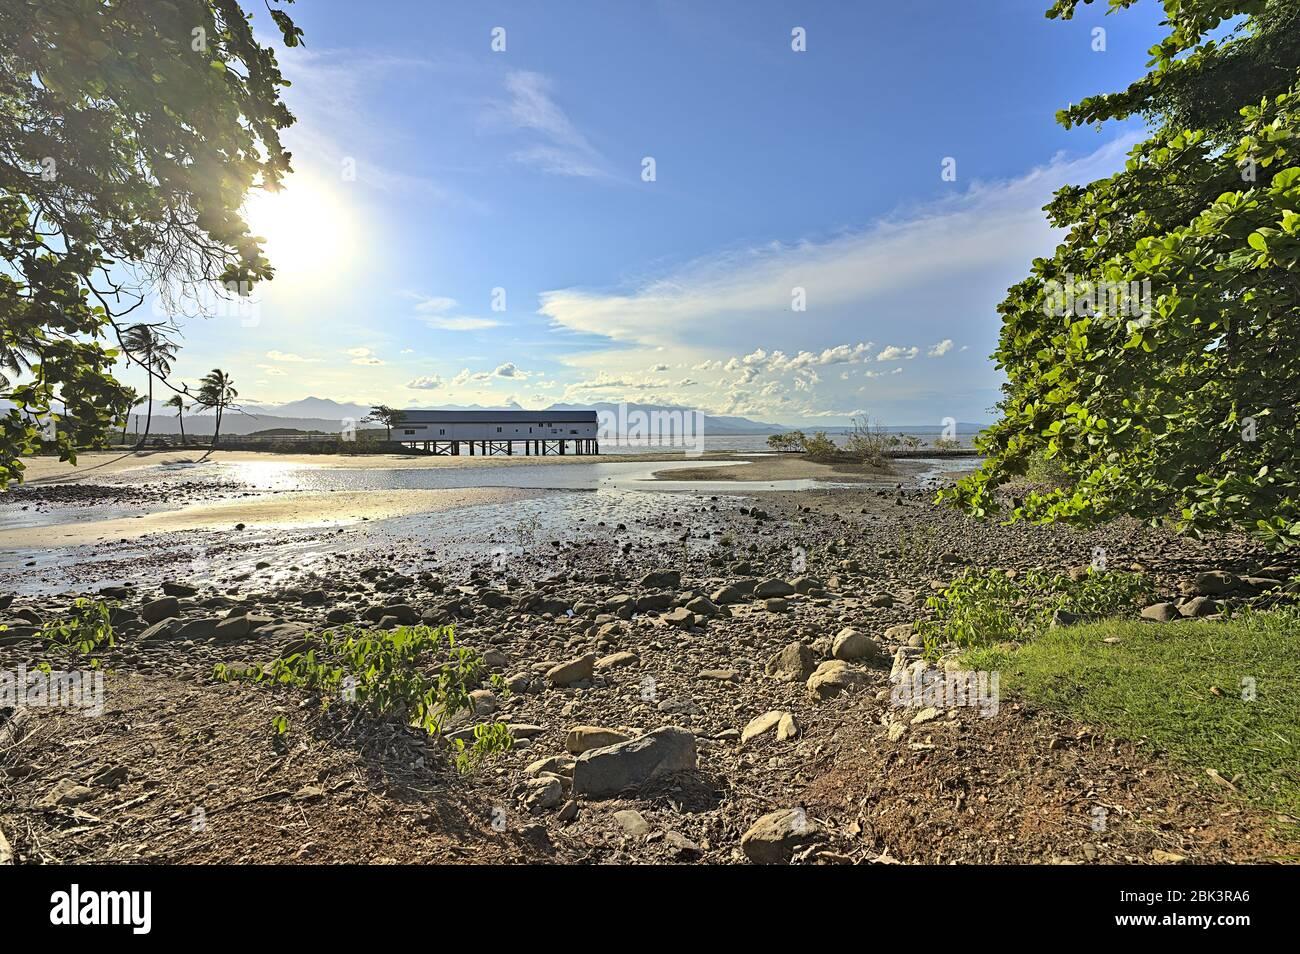 El muelle de azúcar en Port Douglas en la costa este de Australia Foto de stock